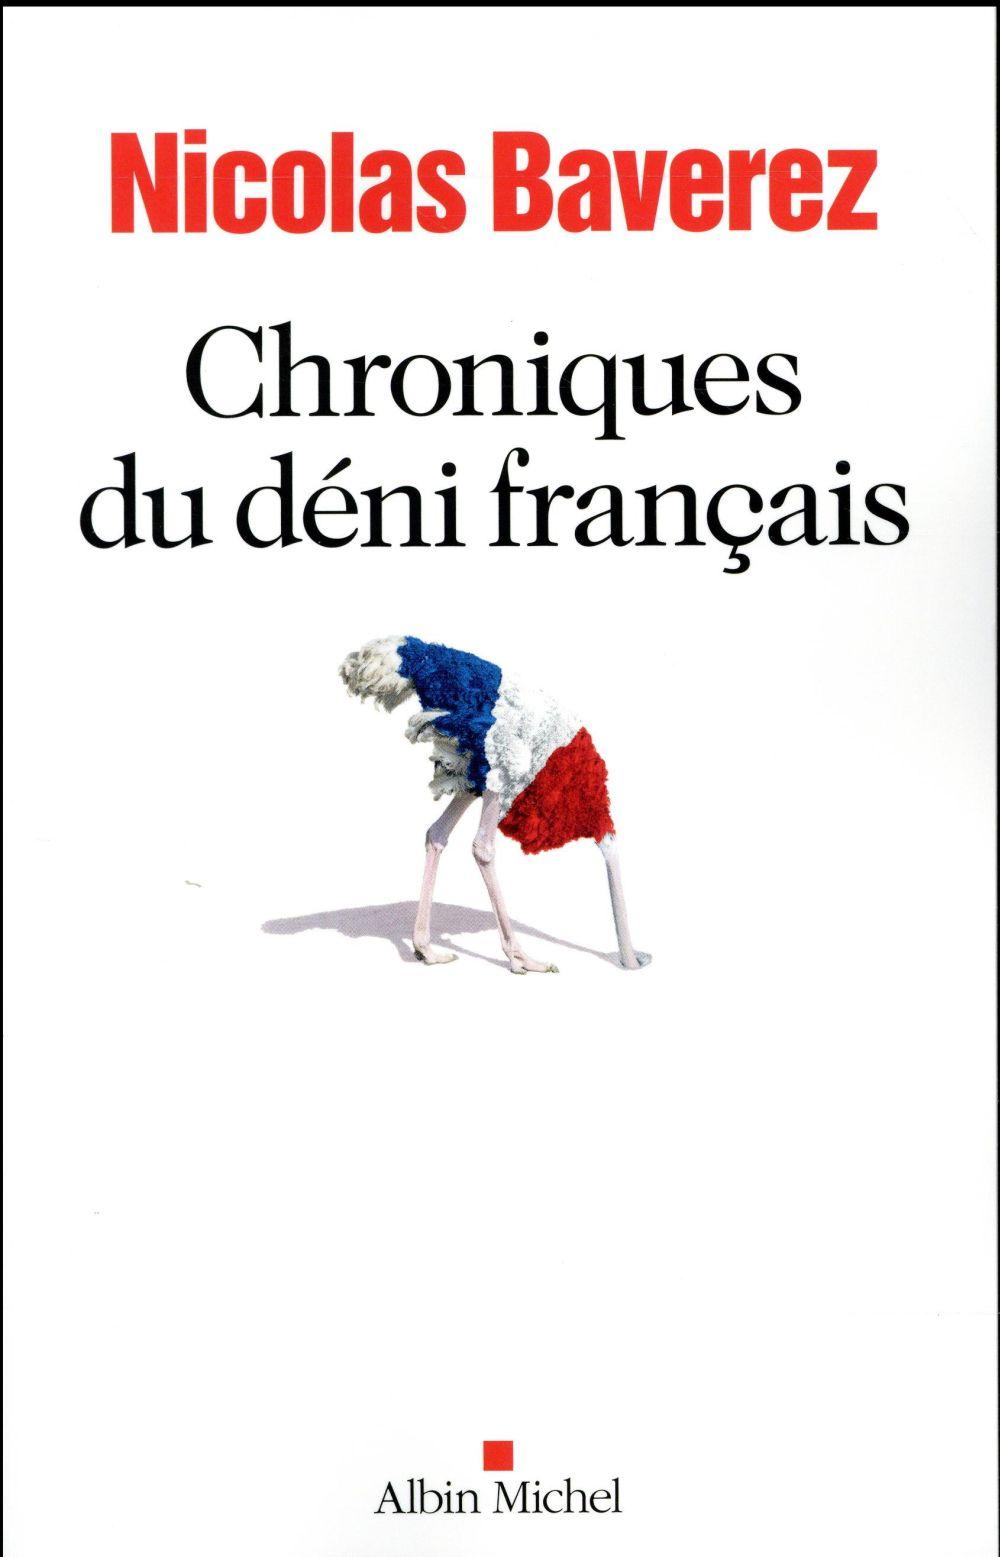 CHRONIQUES DU DENI FRANCAIS Baverez Nicolas Albin Michel